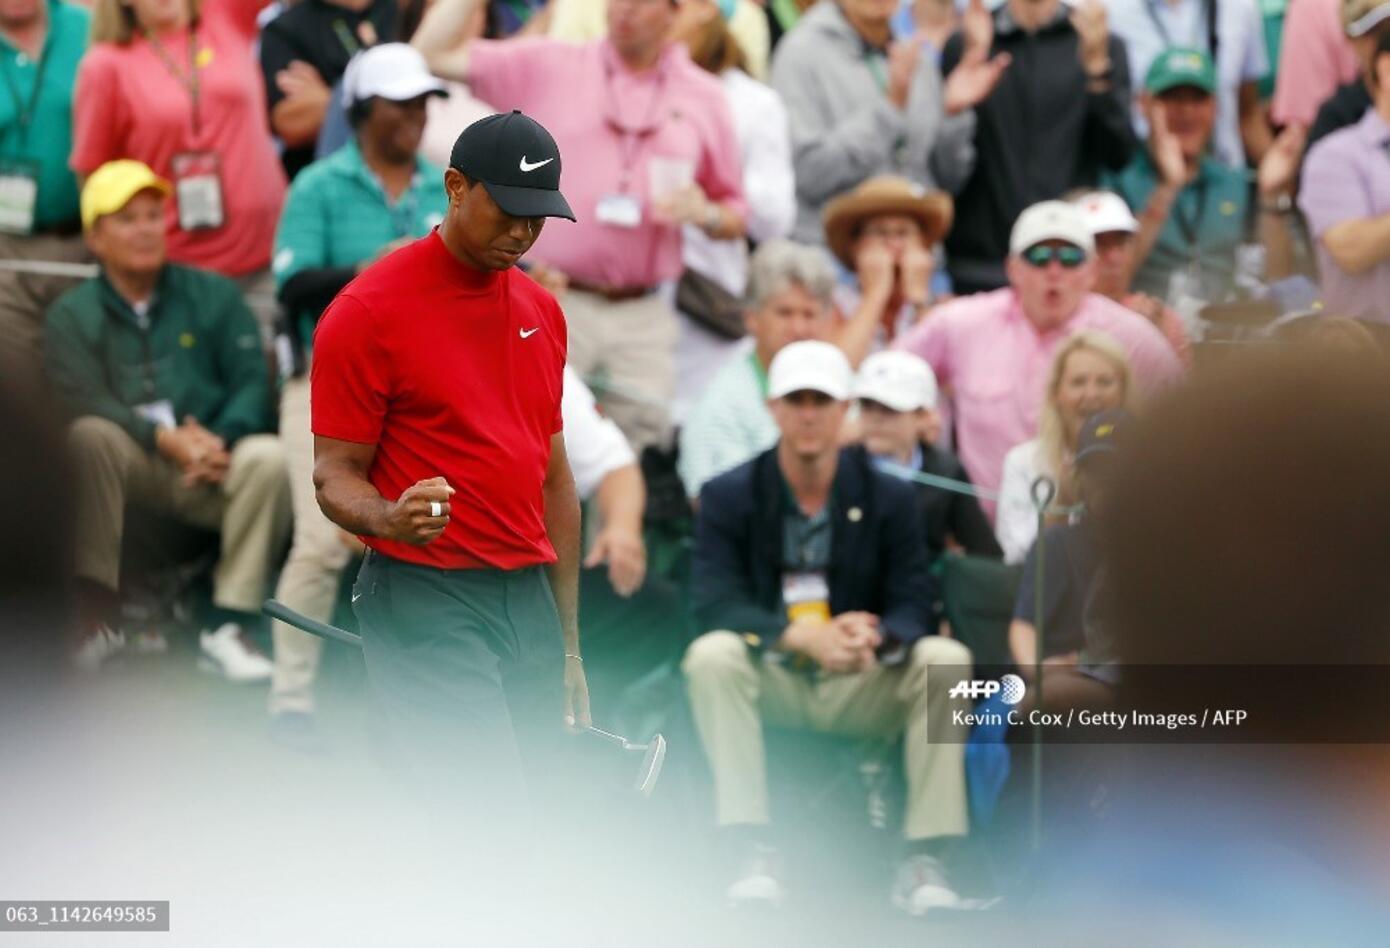 Catorce años pasaron para volver a ver a Tiger Woods ganando en Augusta